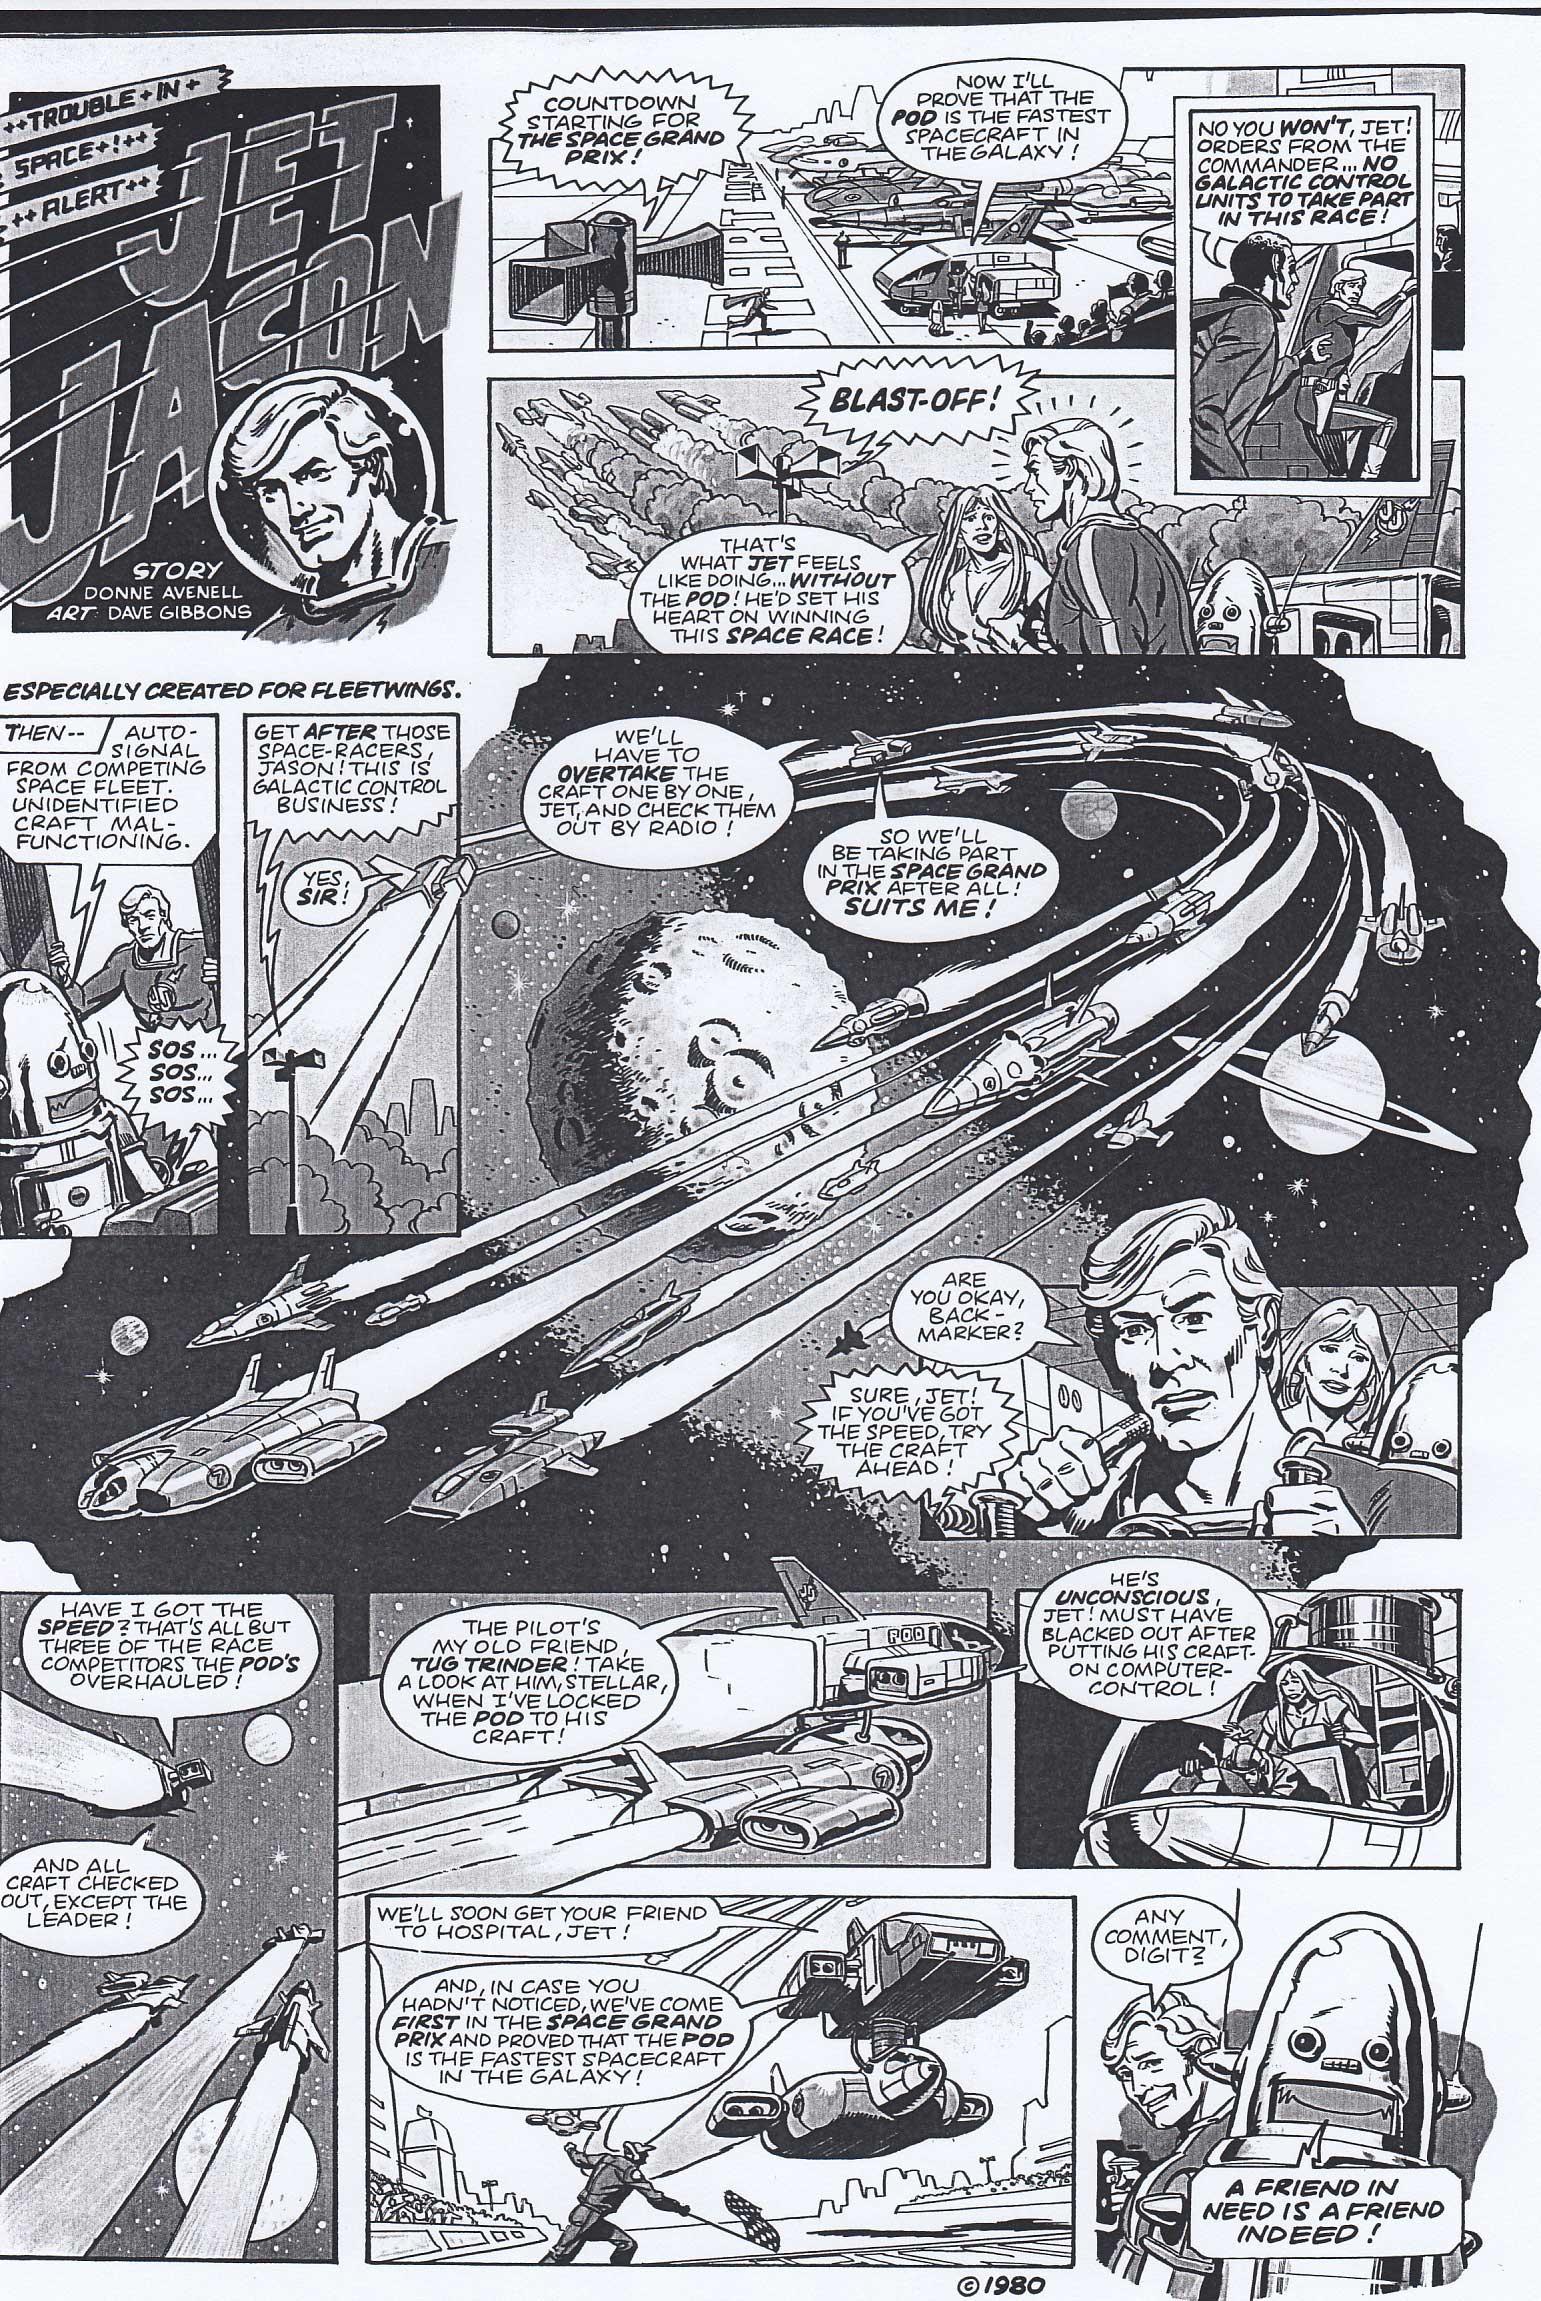 Fleetwings - Winter 1980 - Jet Jason Episode 5